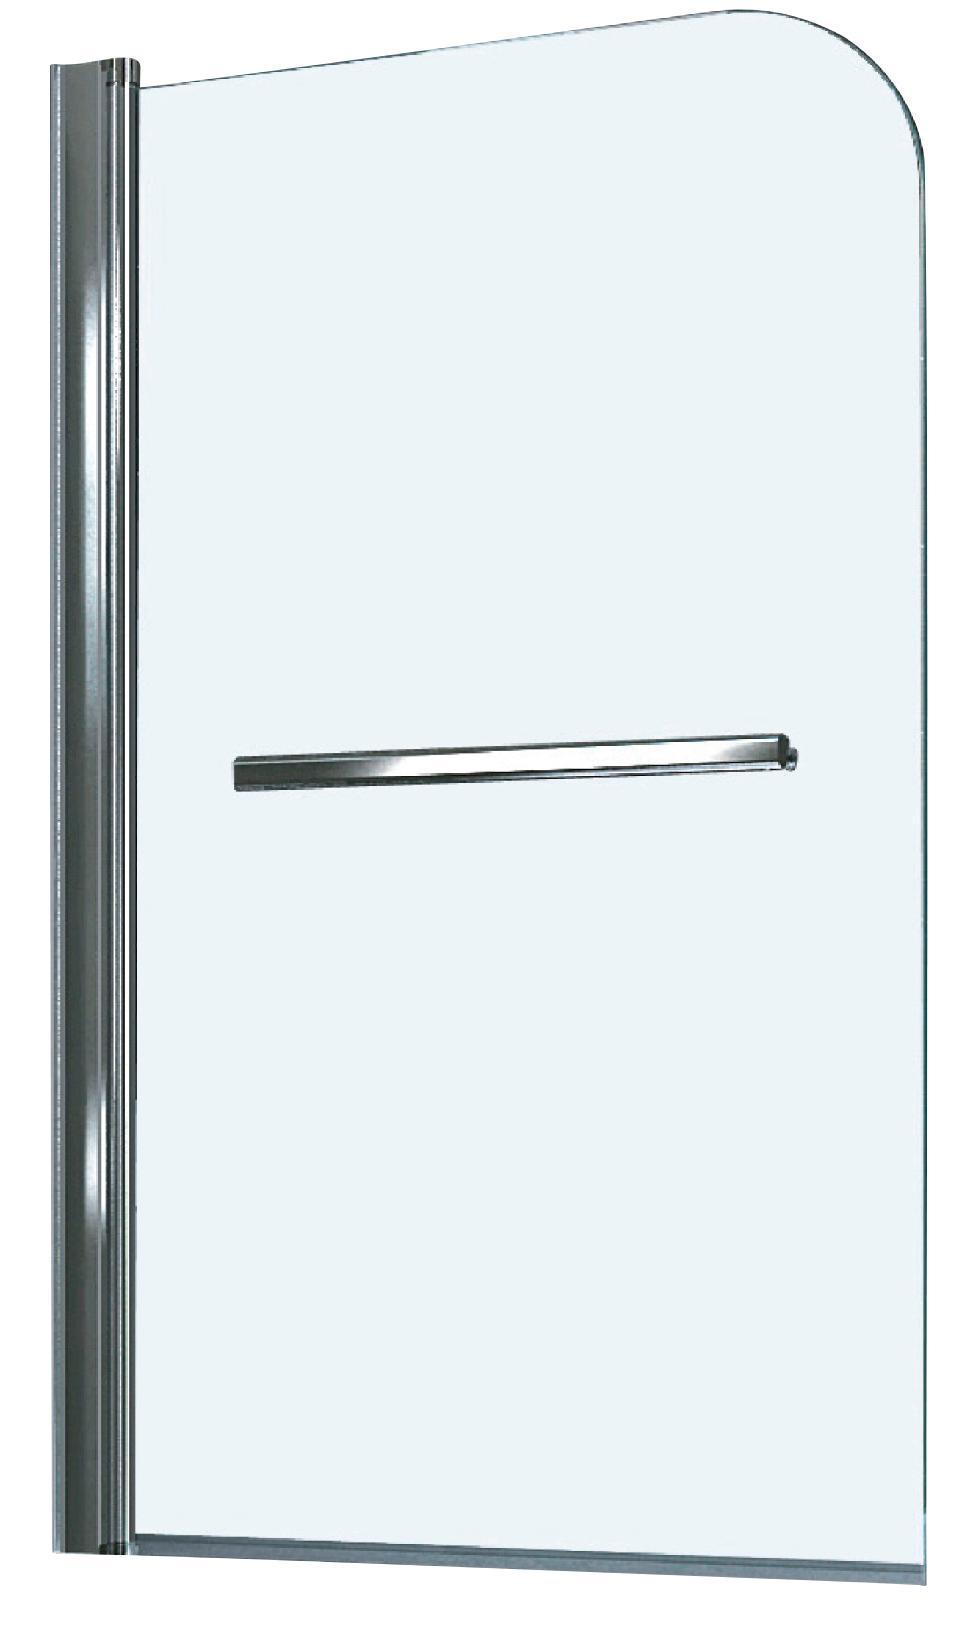 Badewannenaufsatz Für Badewanne Haiti Und Paros   Chromfarben,  KONVENTIONELL, Glas/Metall (80